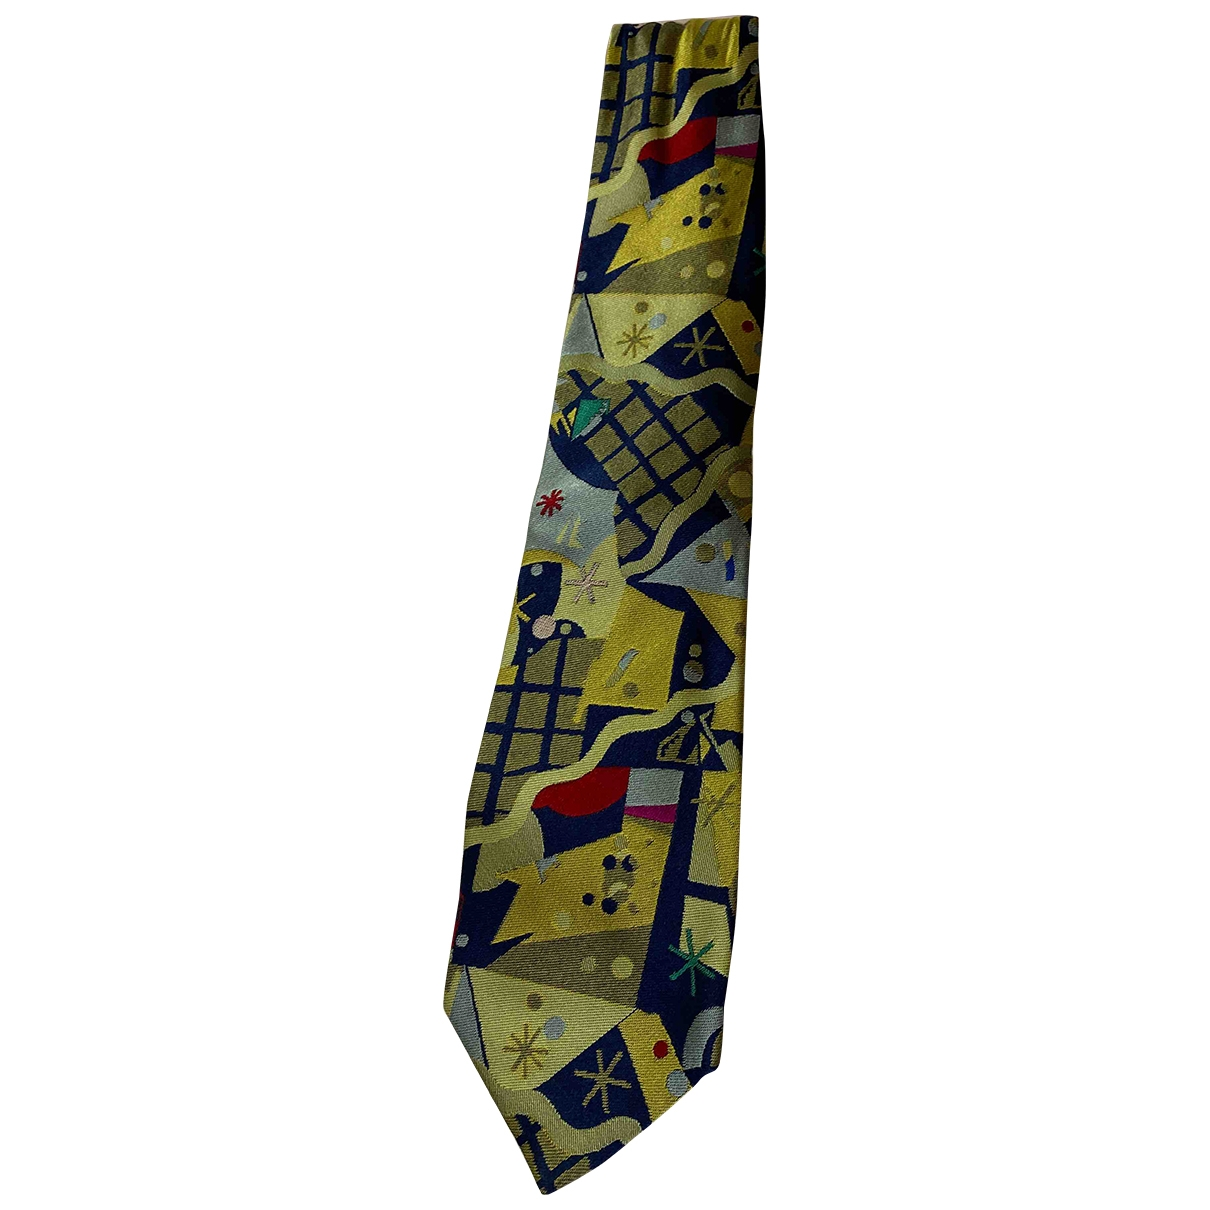 Gianni Versace - Cravates   pour homme en soie - multicolore